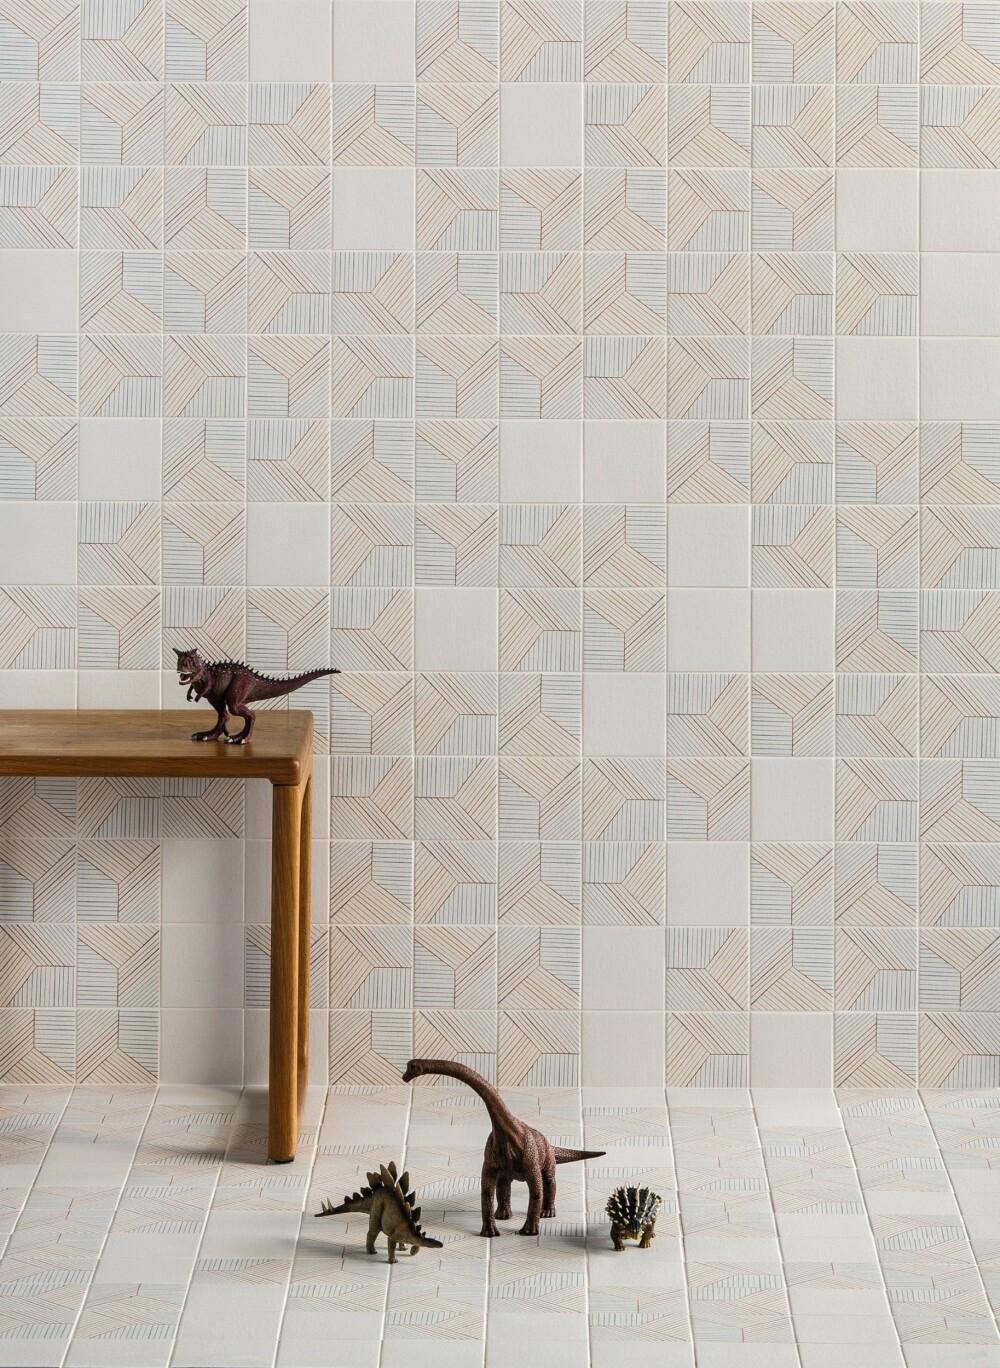 Flere produsenter har ulike mønstre i samme serie slik at du kan skape din egen design. Serien Tratti fra Mutina, design Inga Sempé, er ett eksempel. Åtte ulike motiver kan mikses til det nesten uendelige. Legger du fliser både på gulvet og på veggen, er det som å komme inn i en boks. Her bidrar de duse fargene til ro, samtidig som de geometriske formene skaper spenning i bildet.